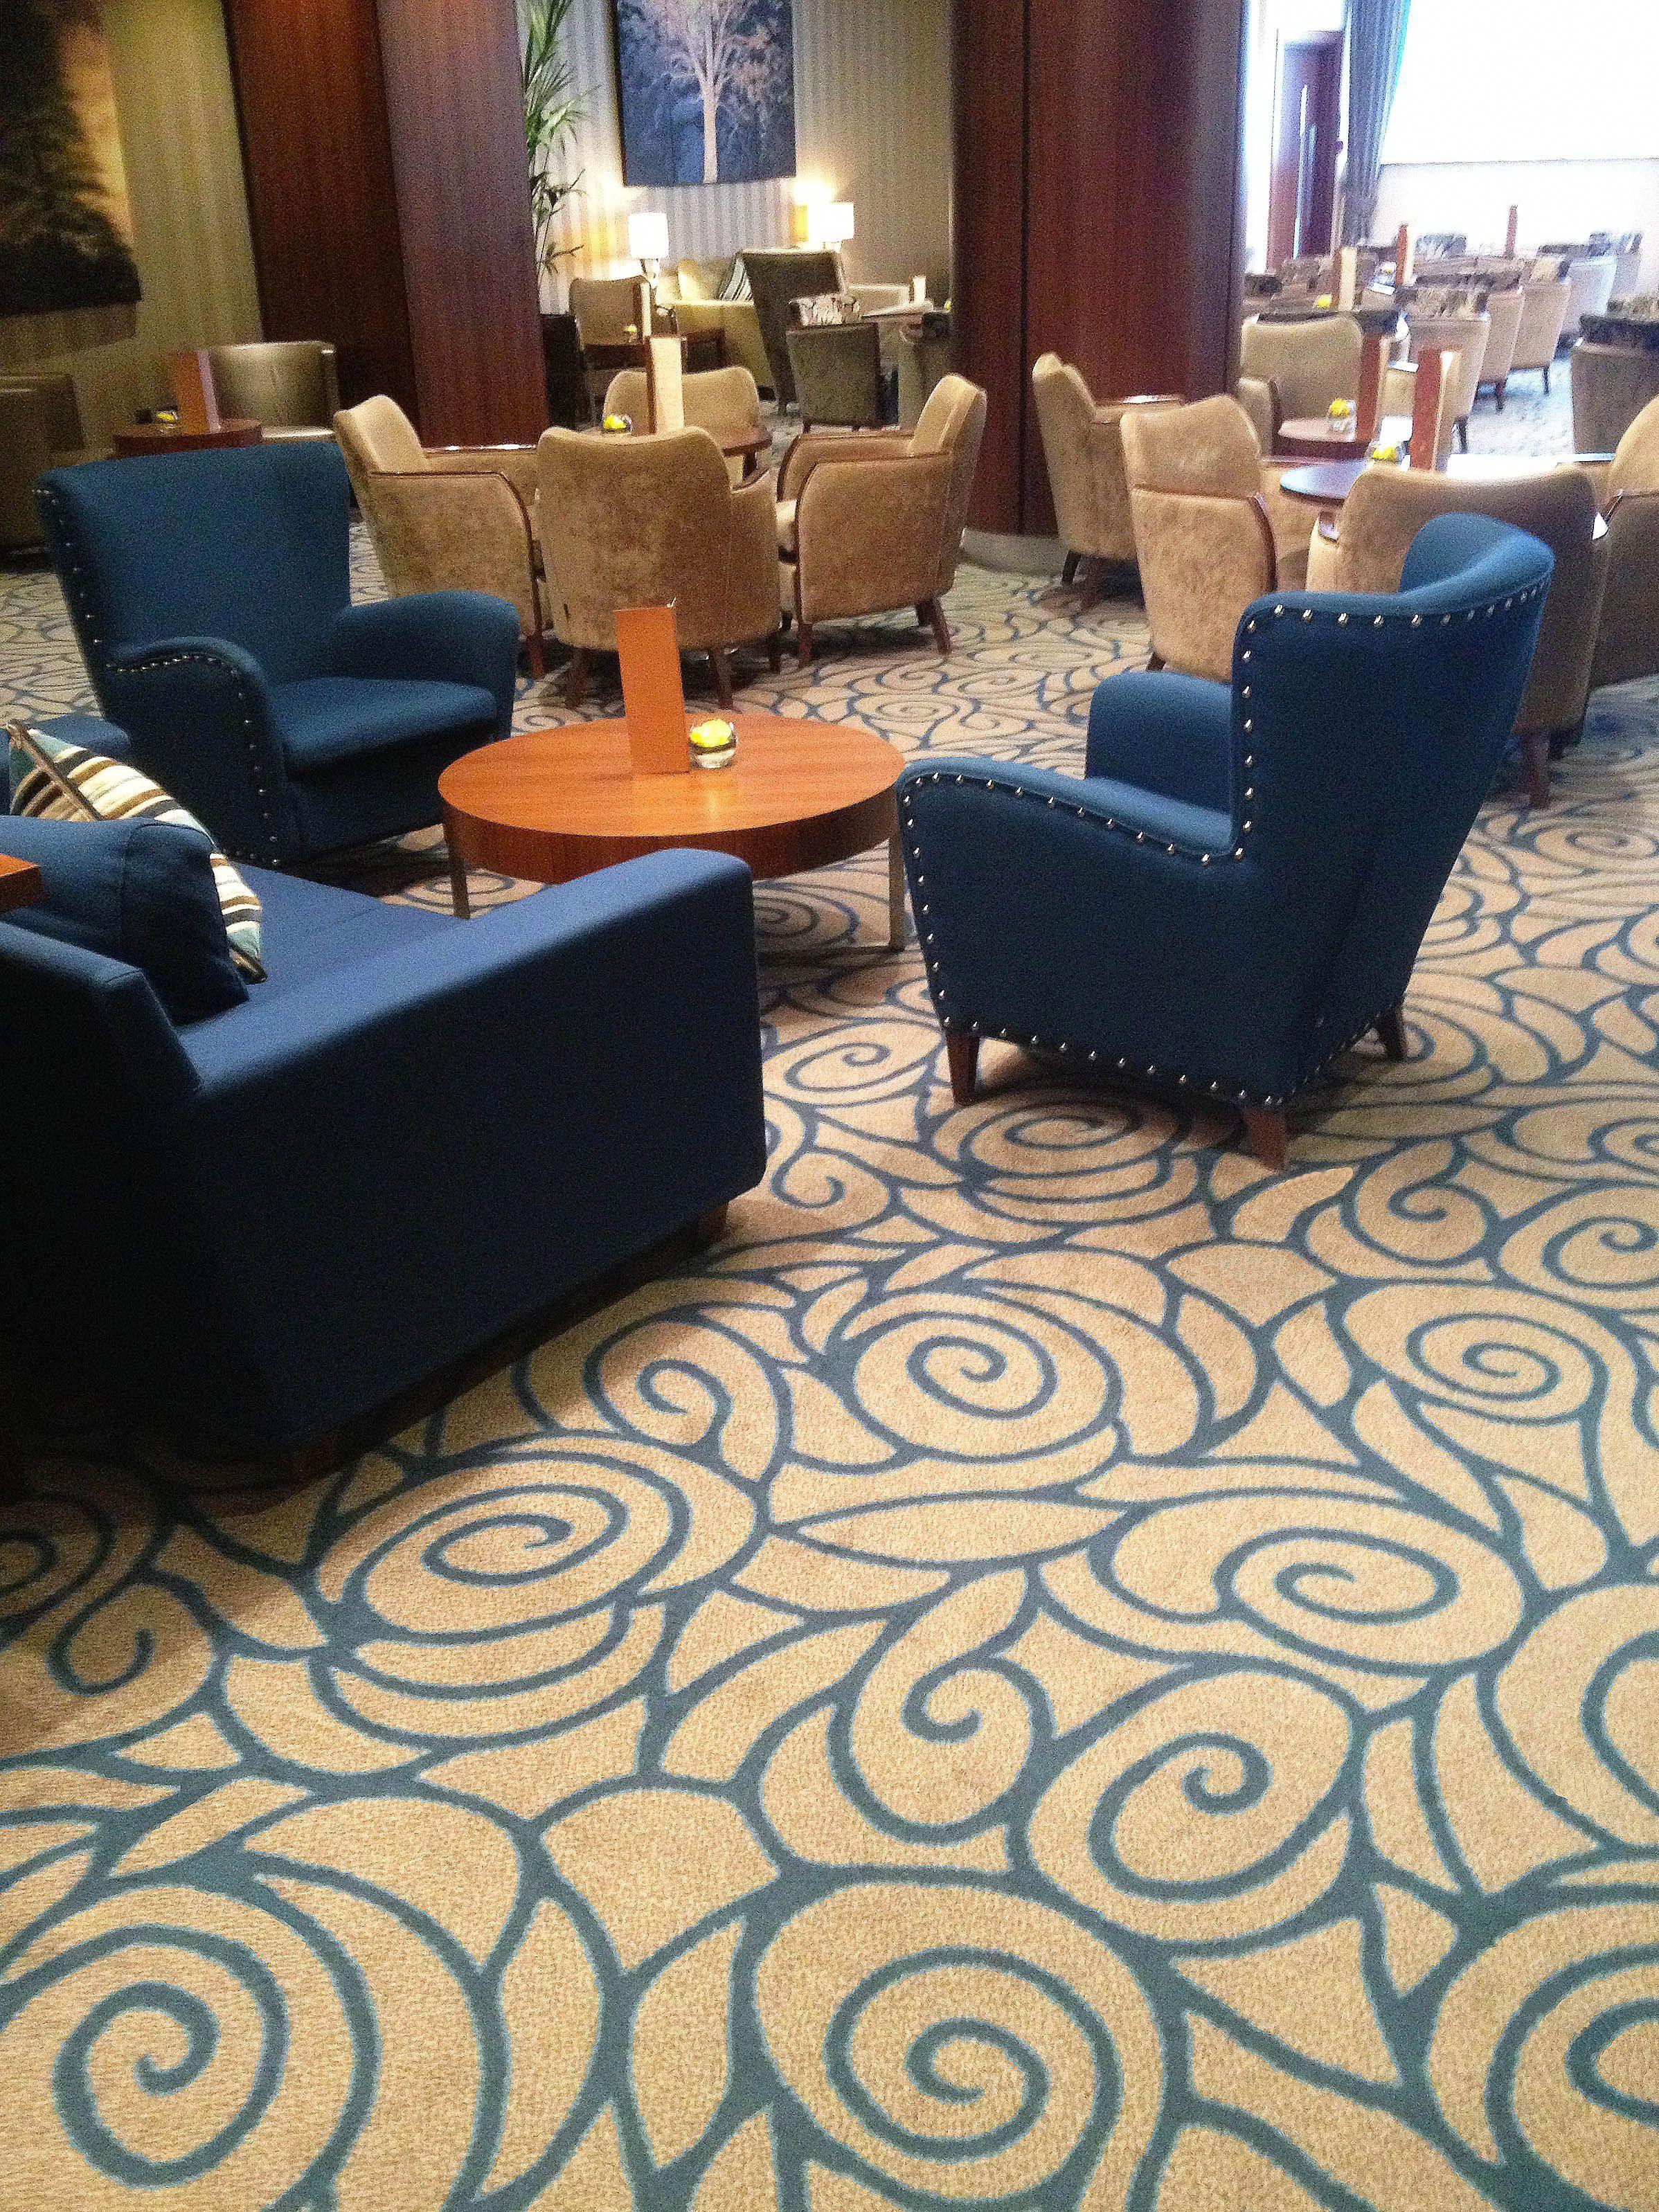 Carpet Runners For Stairs Uk Kitchencarpetrunnersuk Hotel Carpet Carpet Design Carpet Tiles Office